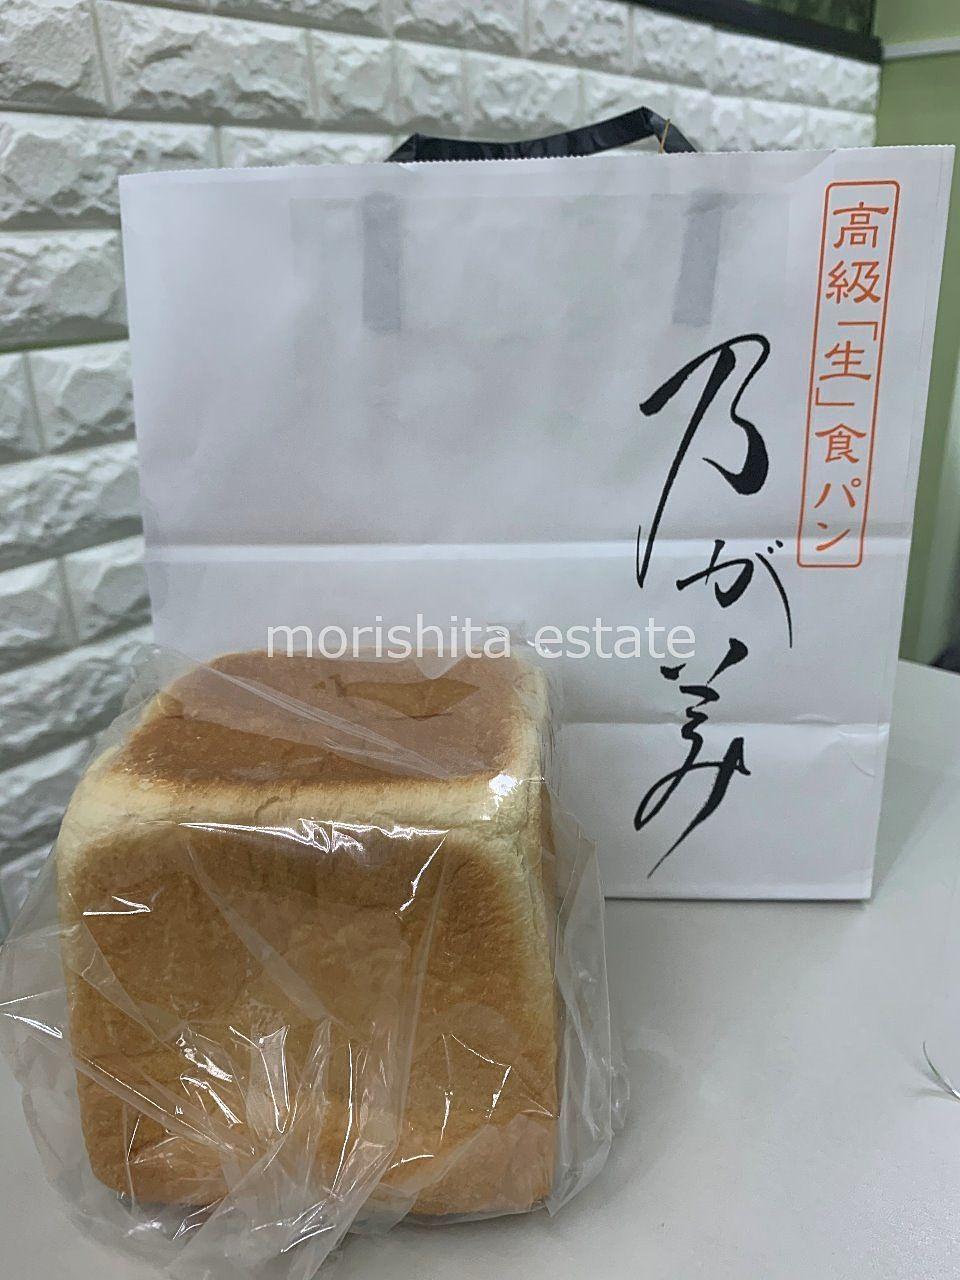 新規開店 清澄白河 高級生食パン 乃が美 はなれ 写真